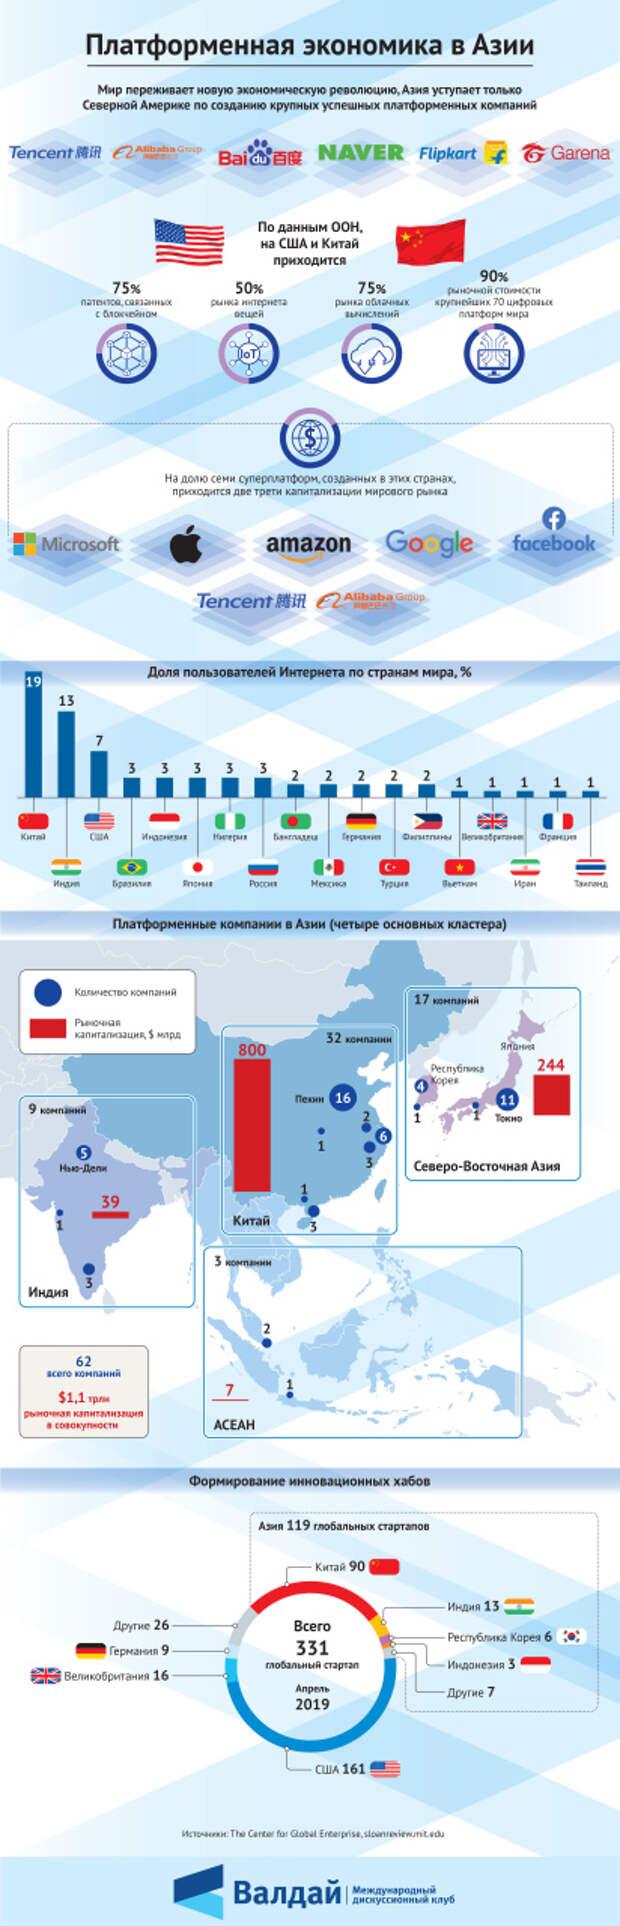 Платформенная экономика в Азии